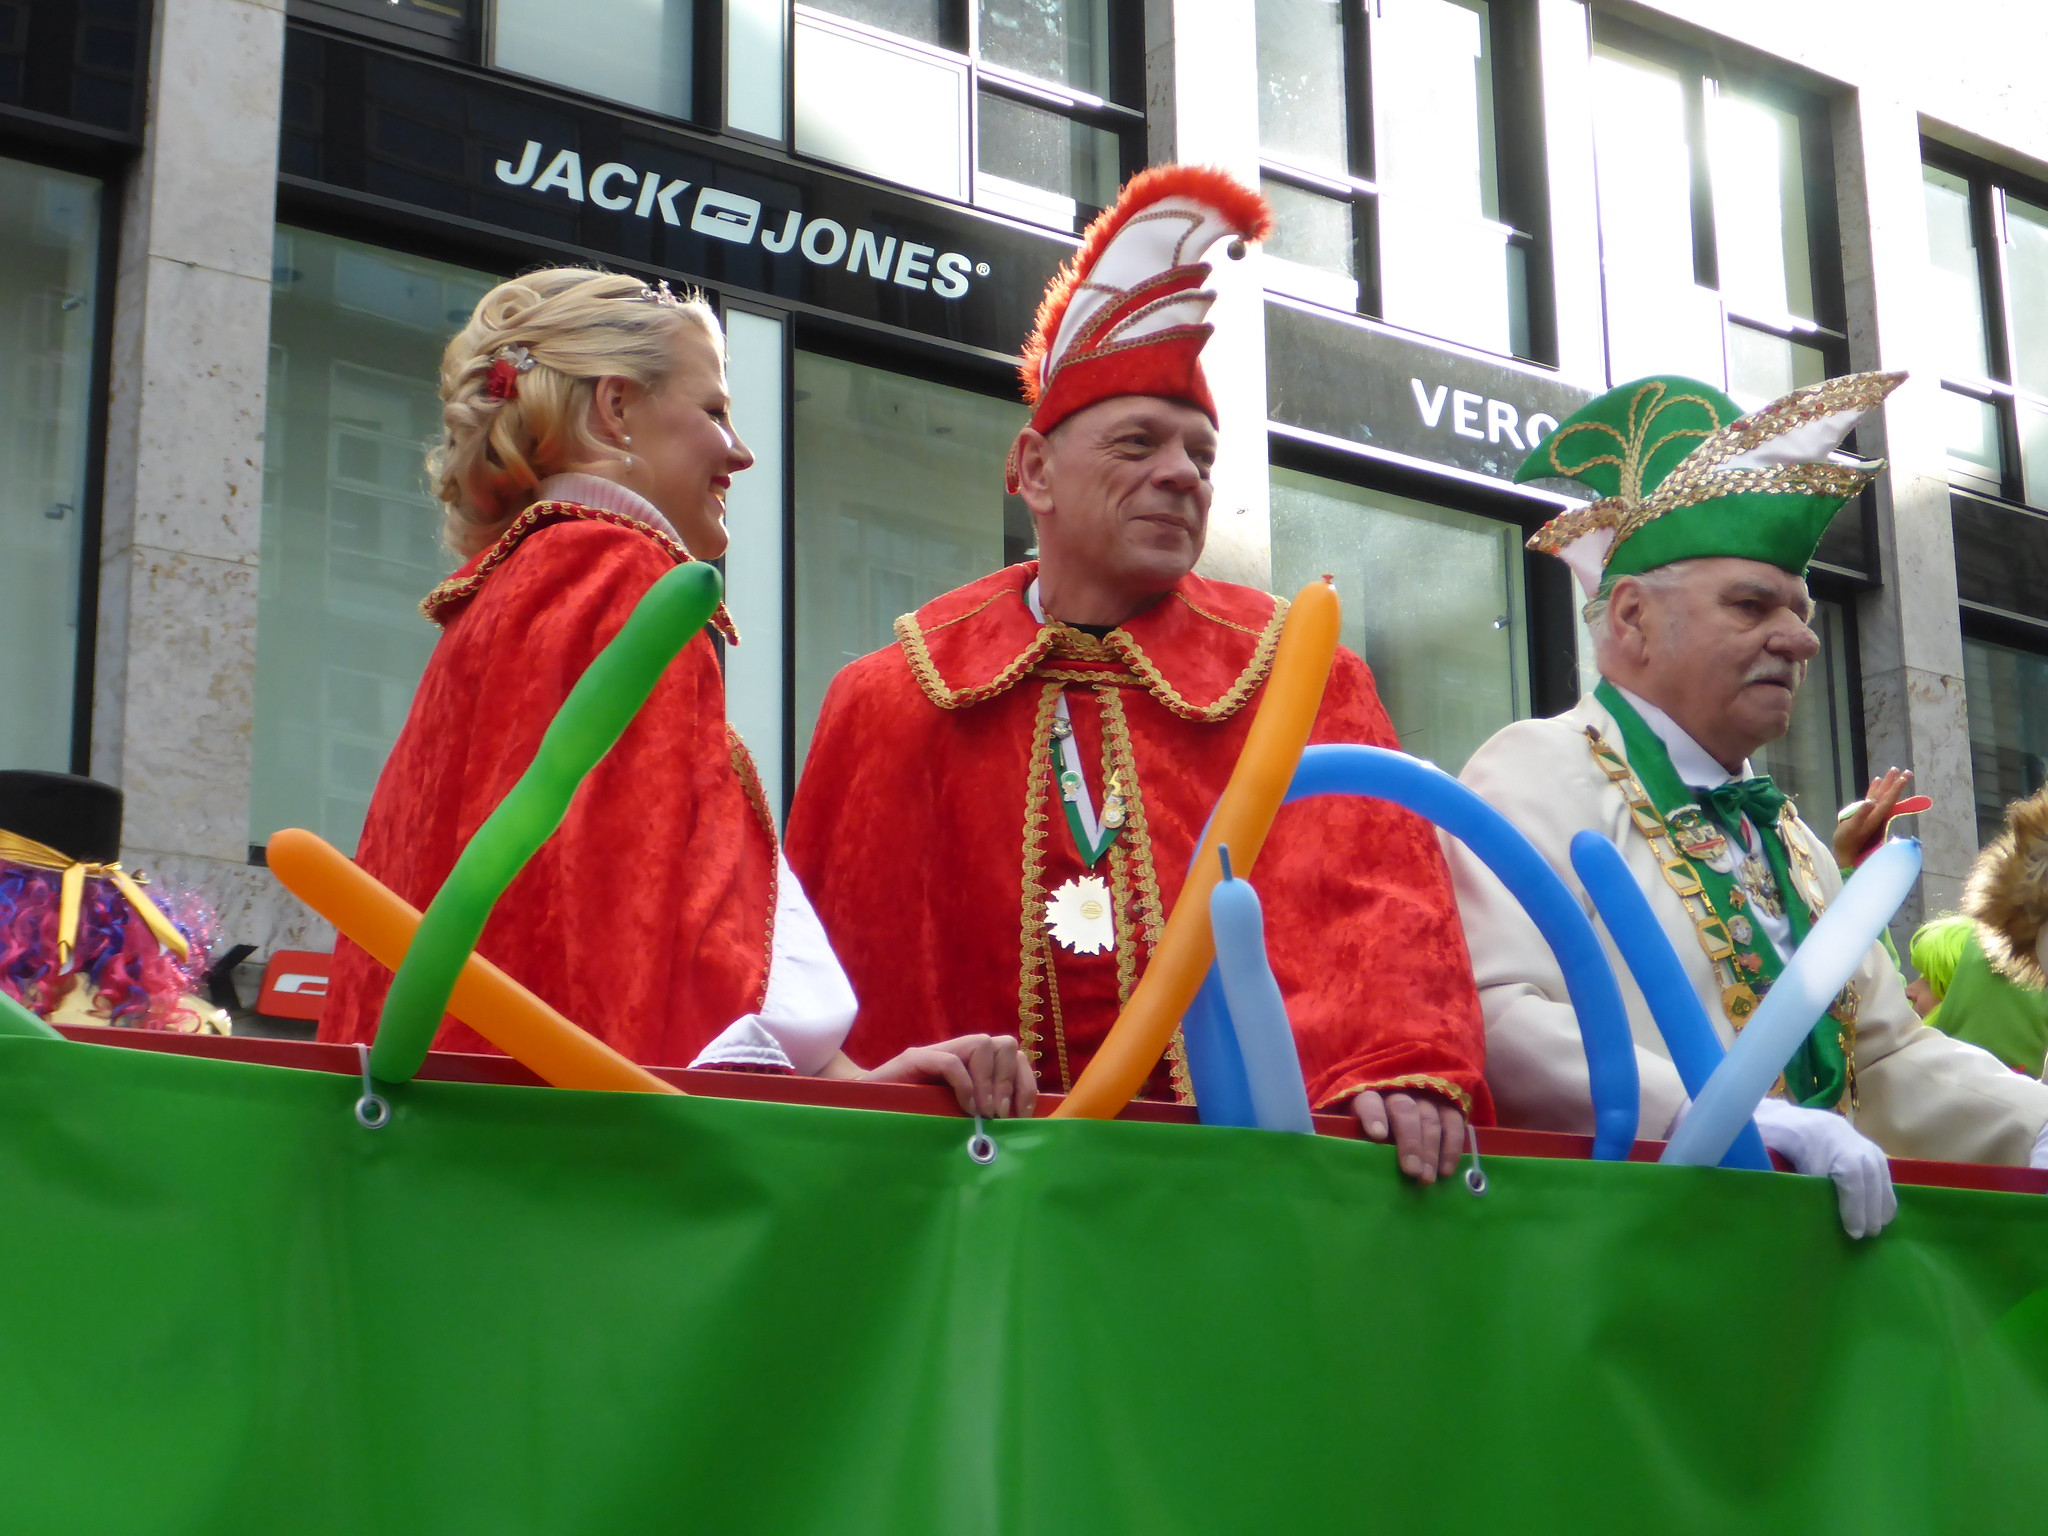 Karnevalsumzug Leipzig 2017 112